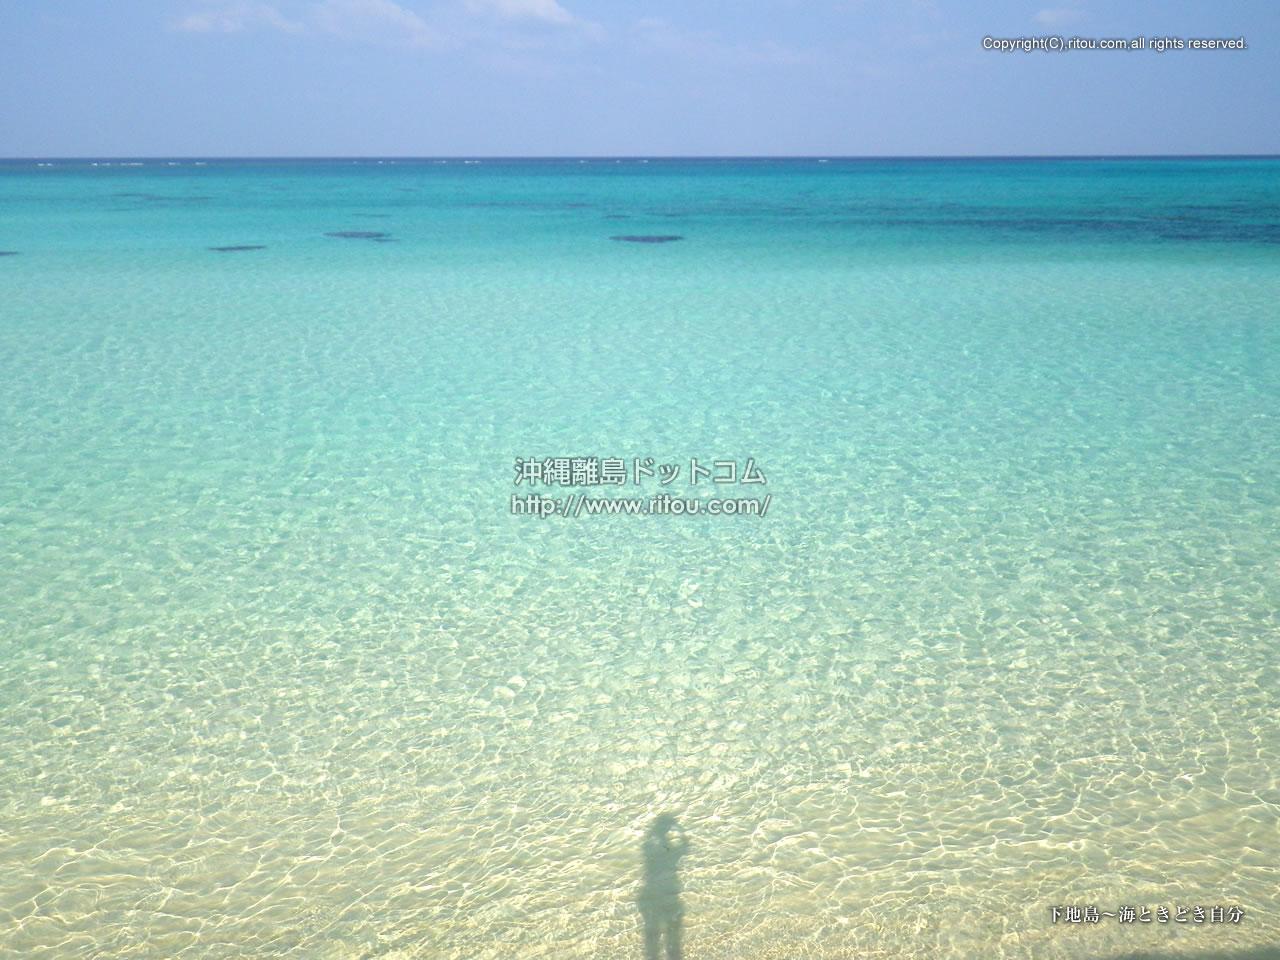 下地島〜海ときどき自分